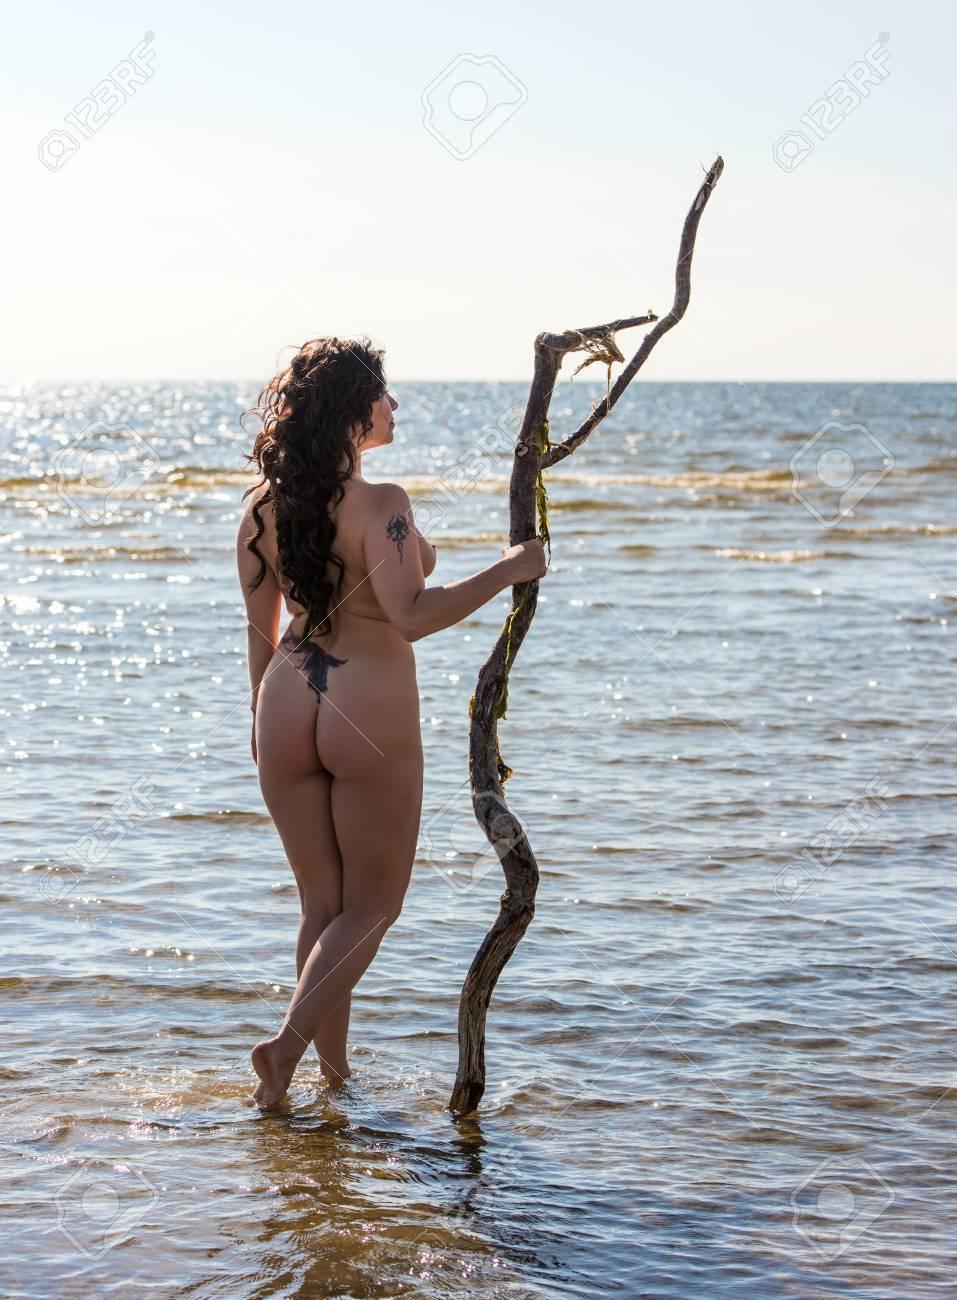 Girls enjoying their time naked photos 360